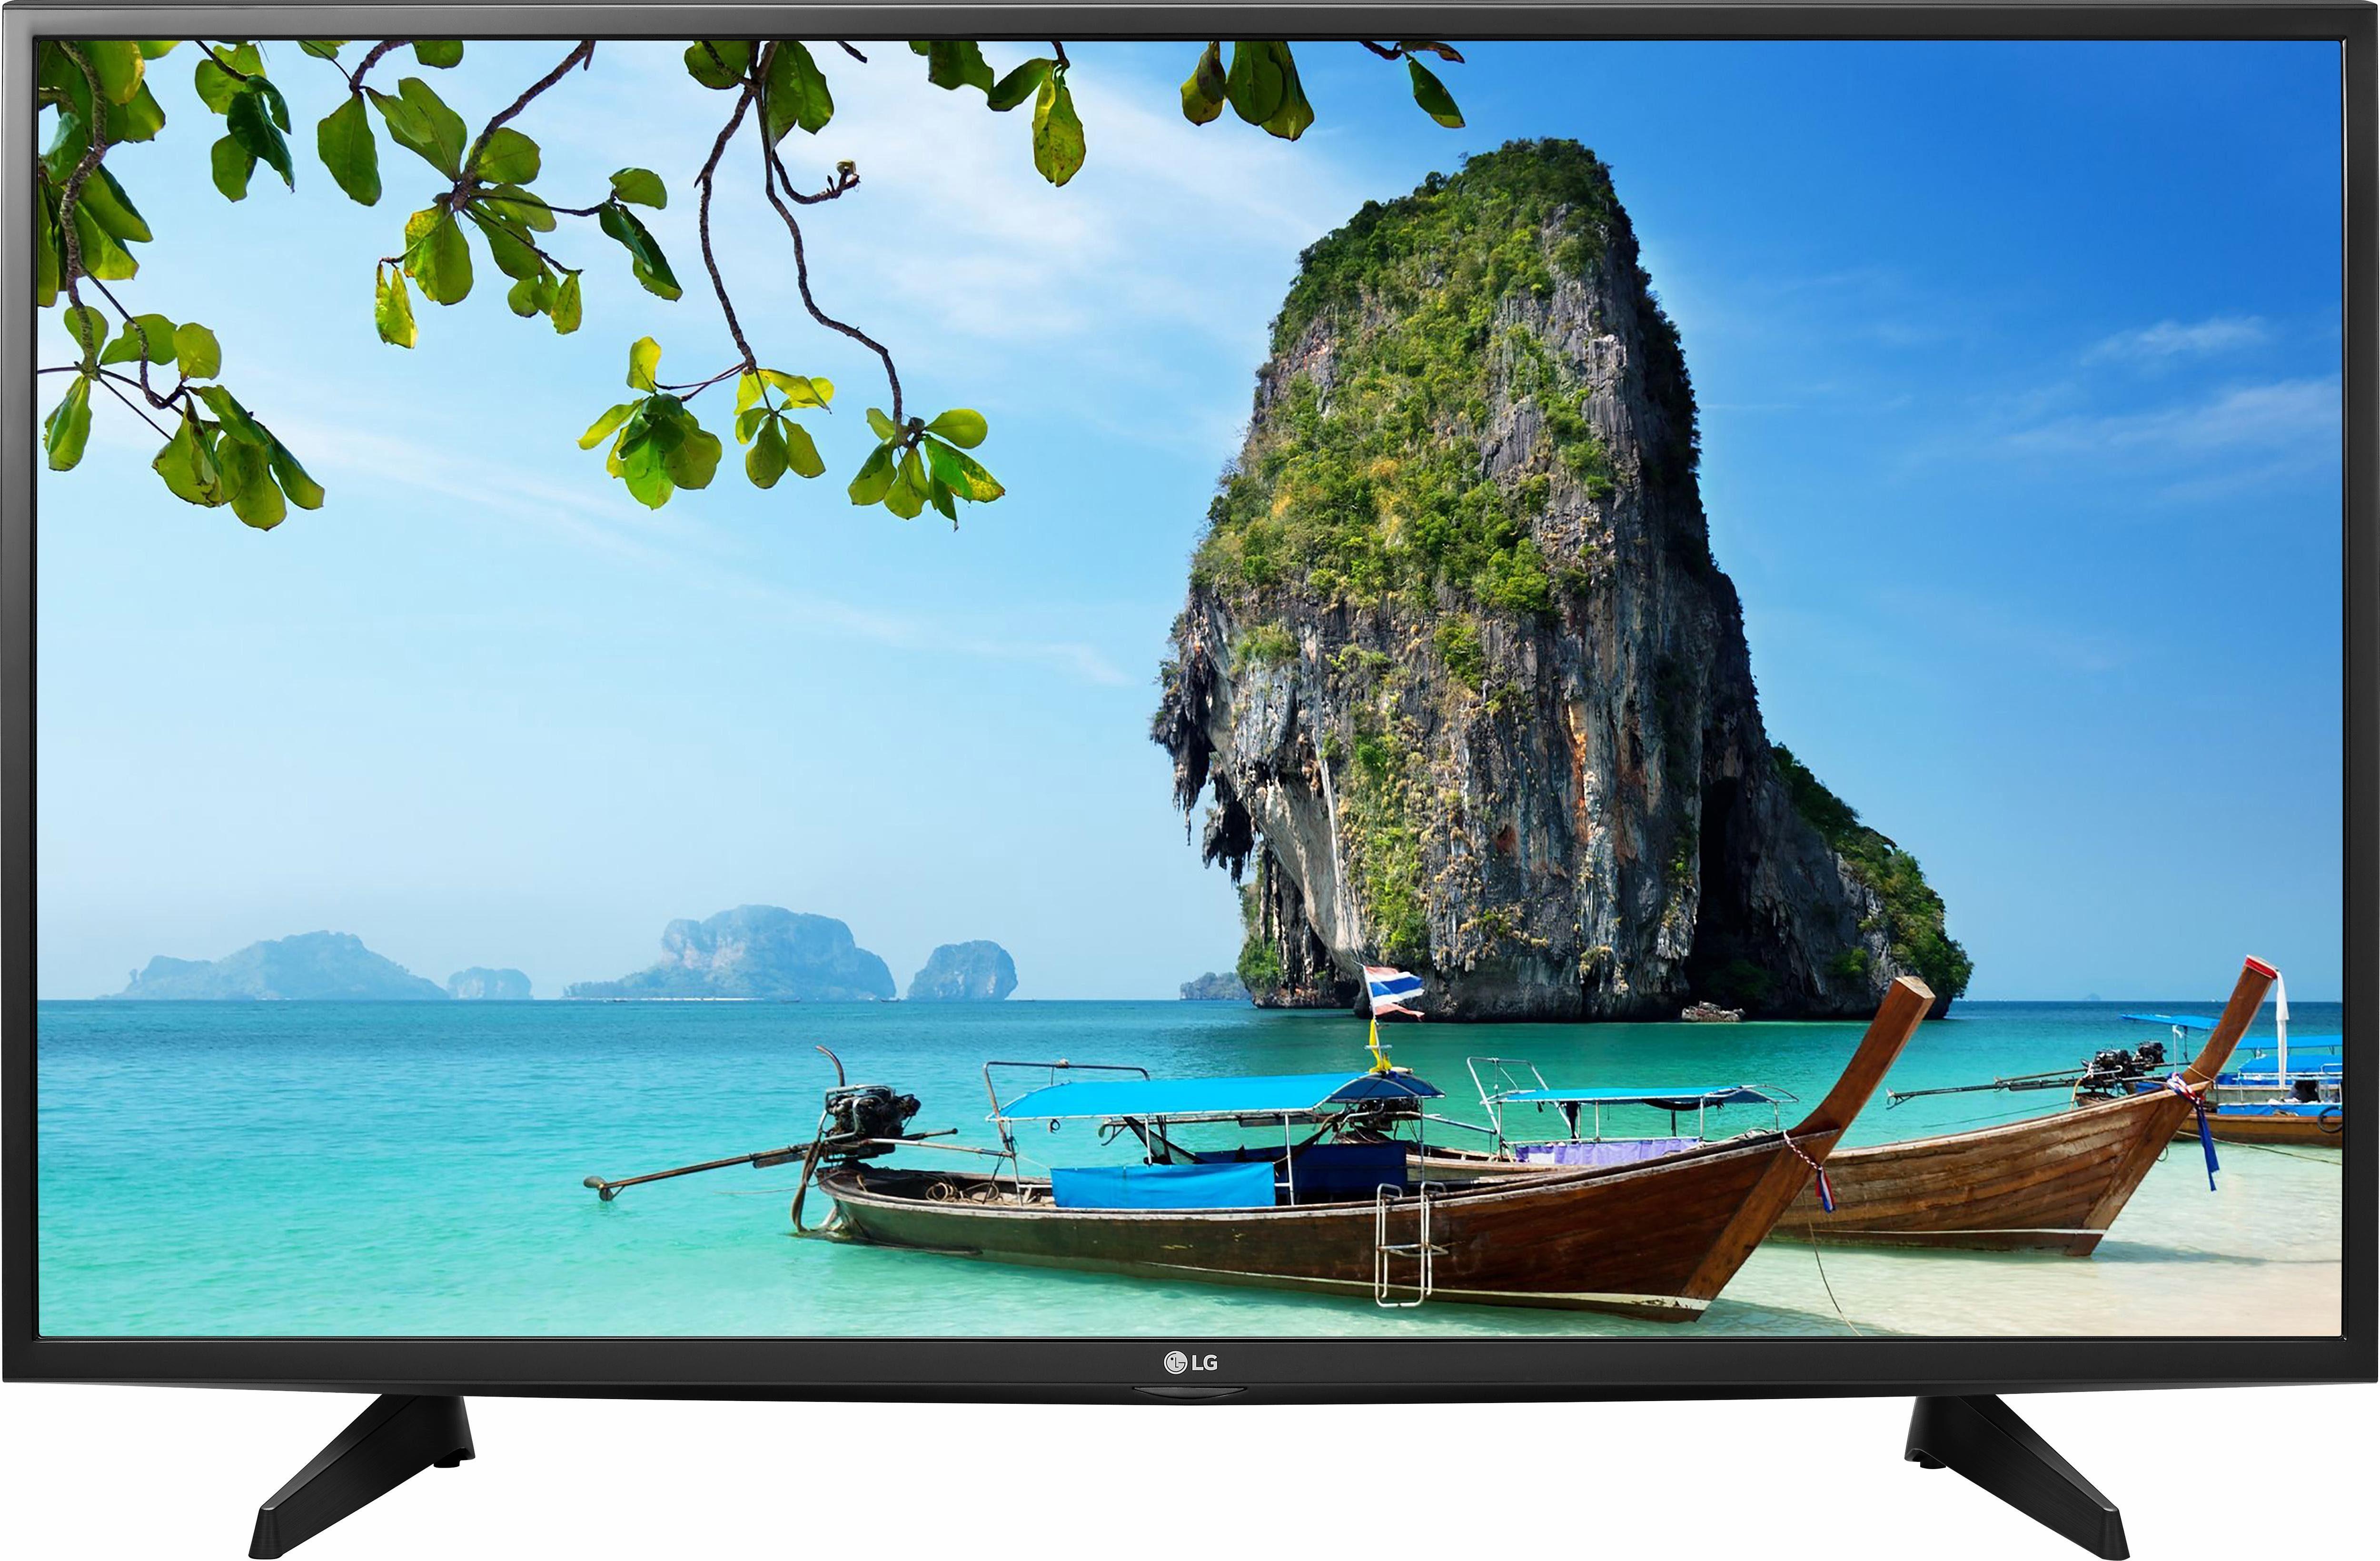 LG 43LH570V, LED Fernseher, 108 cm (43 Zoll), 1080p (Full HD), Smart-TV